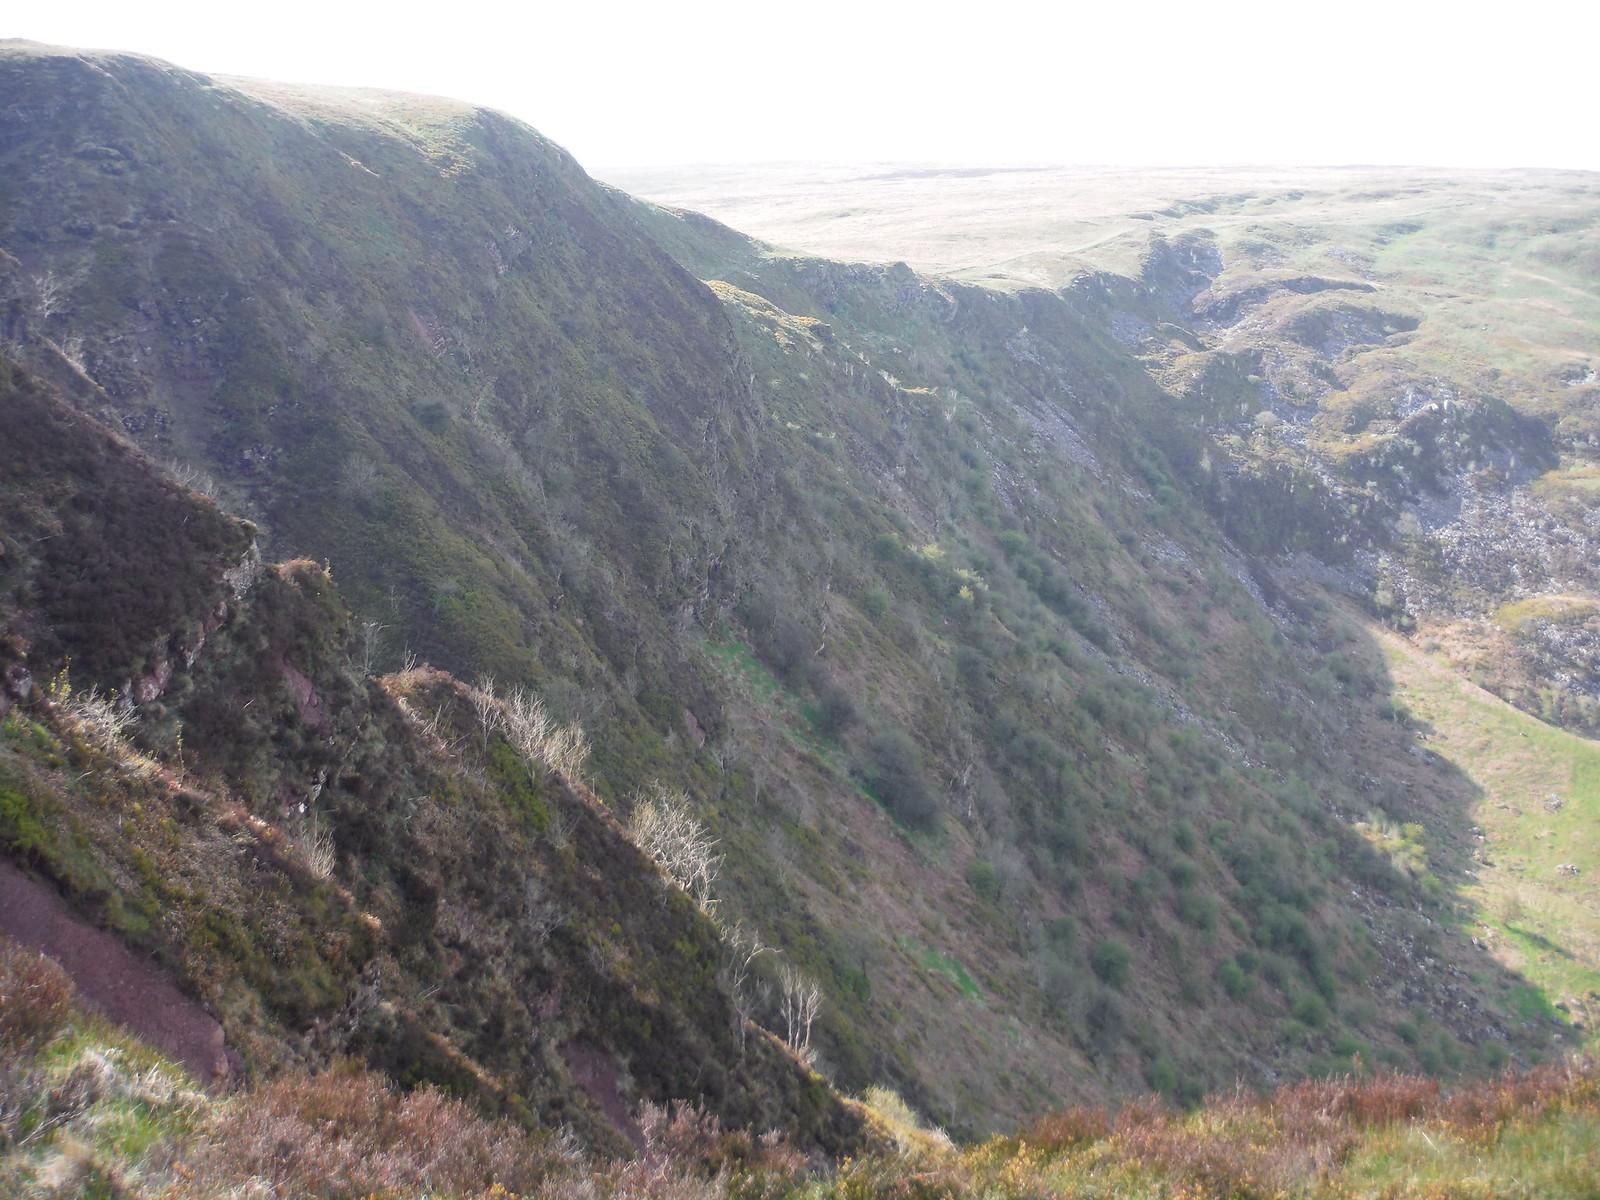 Craig Cerrig-gleisiad SWC Walk 307 - Fforest Fawr Traverse (Craig y Nos to Llwyn-y-celyn)